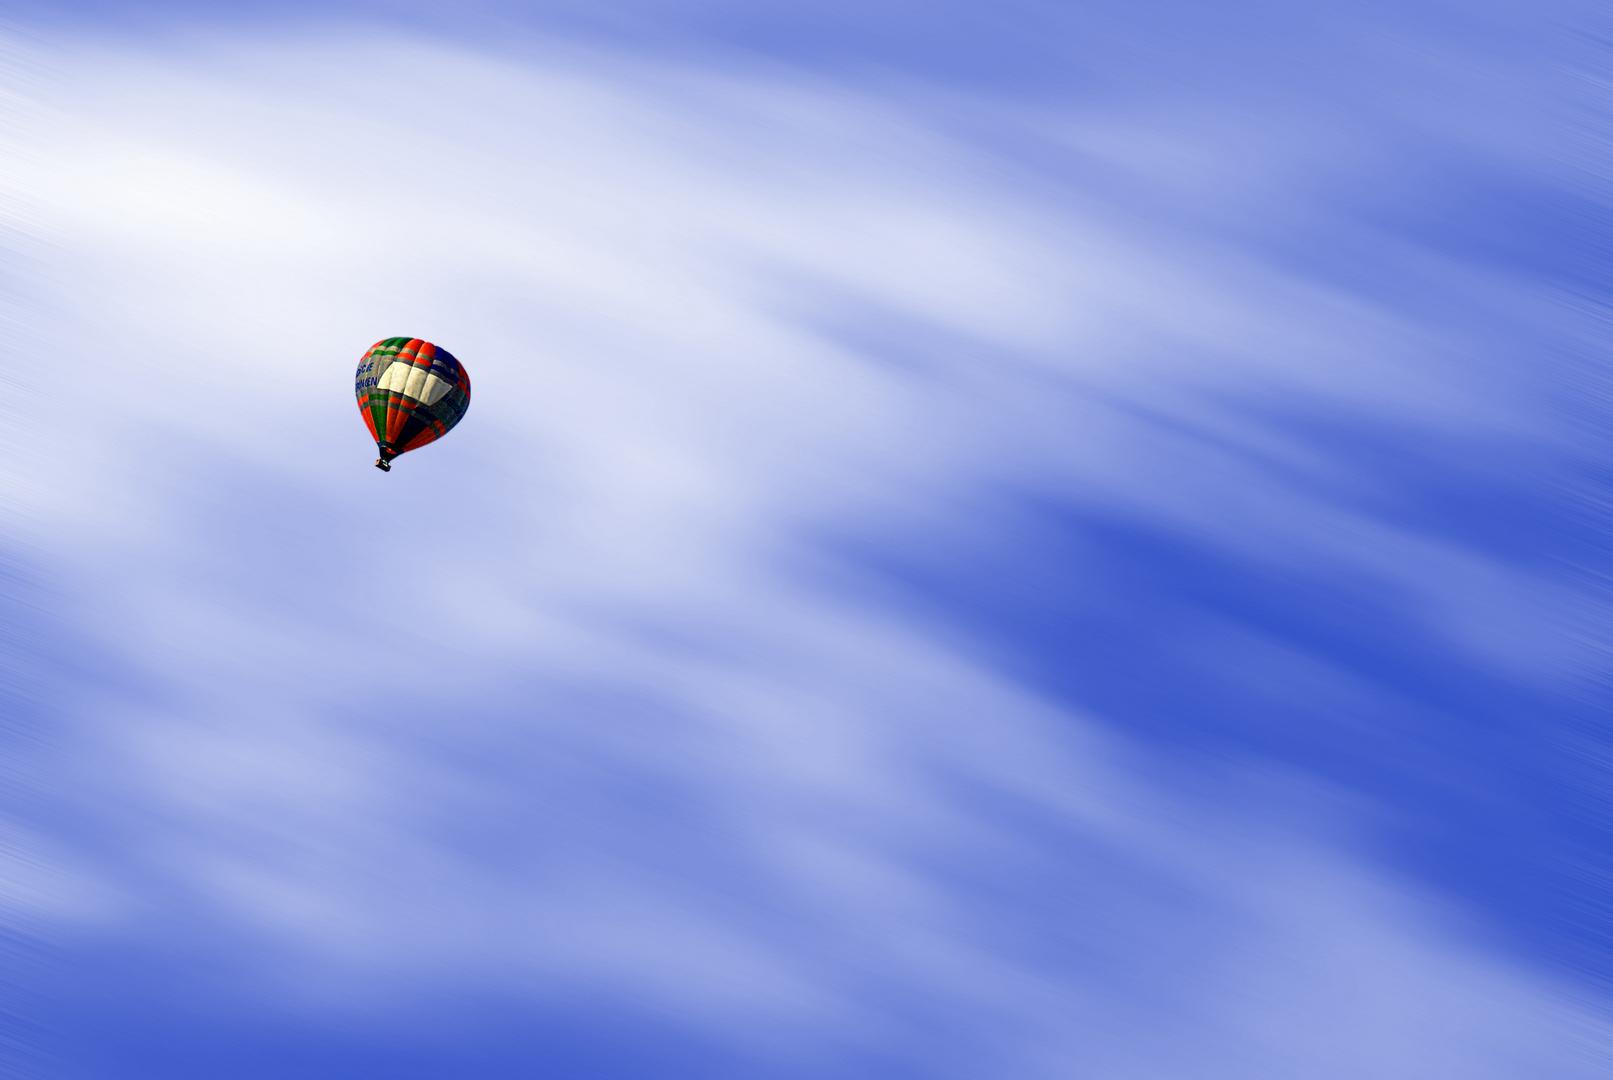 Ballon in bewegung